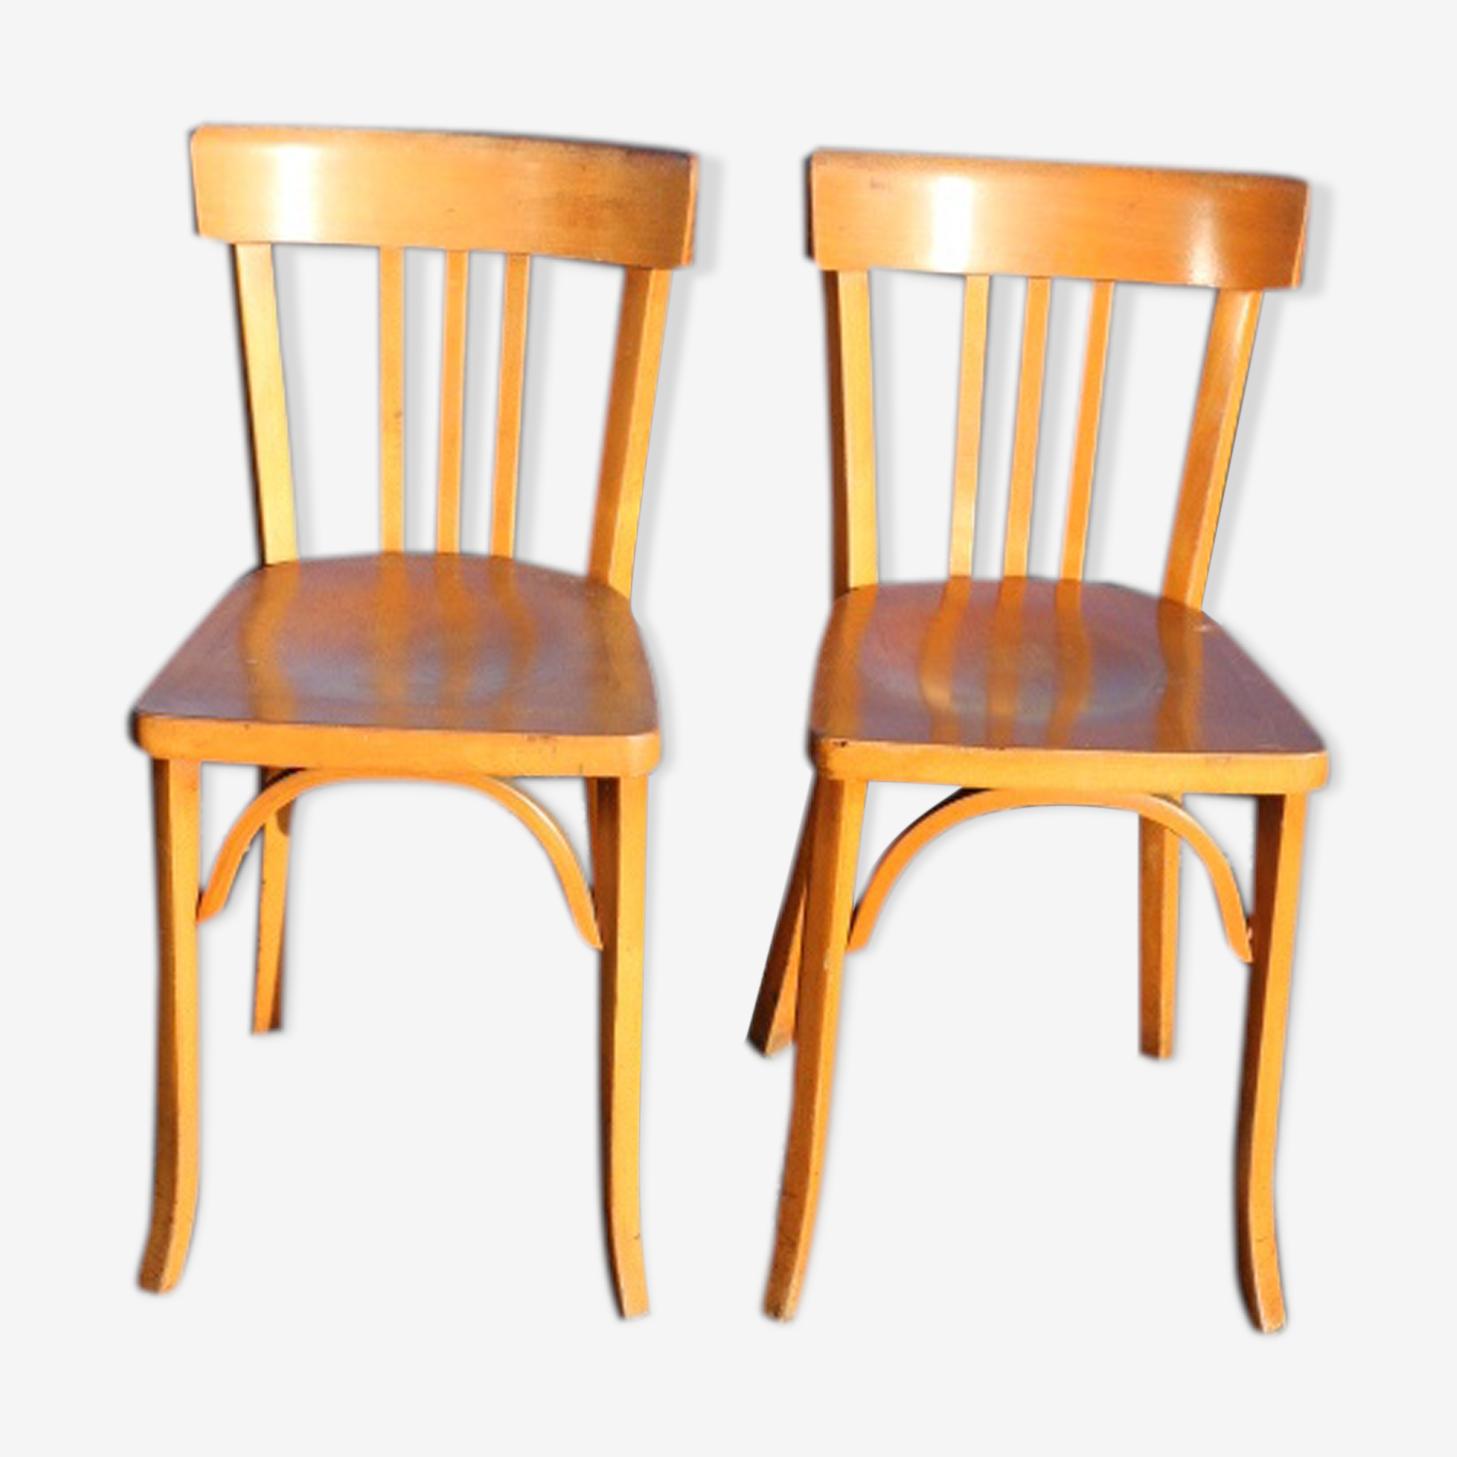 2 chaises Baumann n°27 hêtre clair